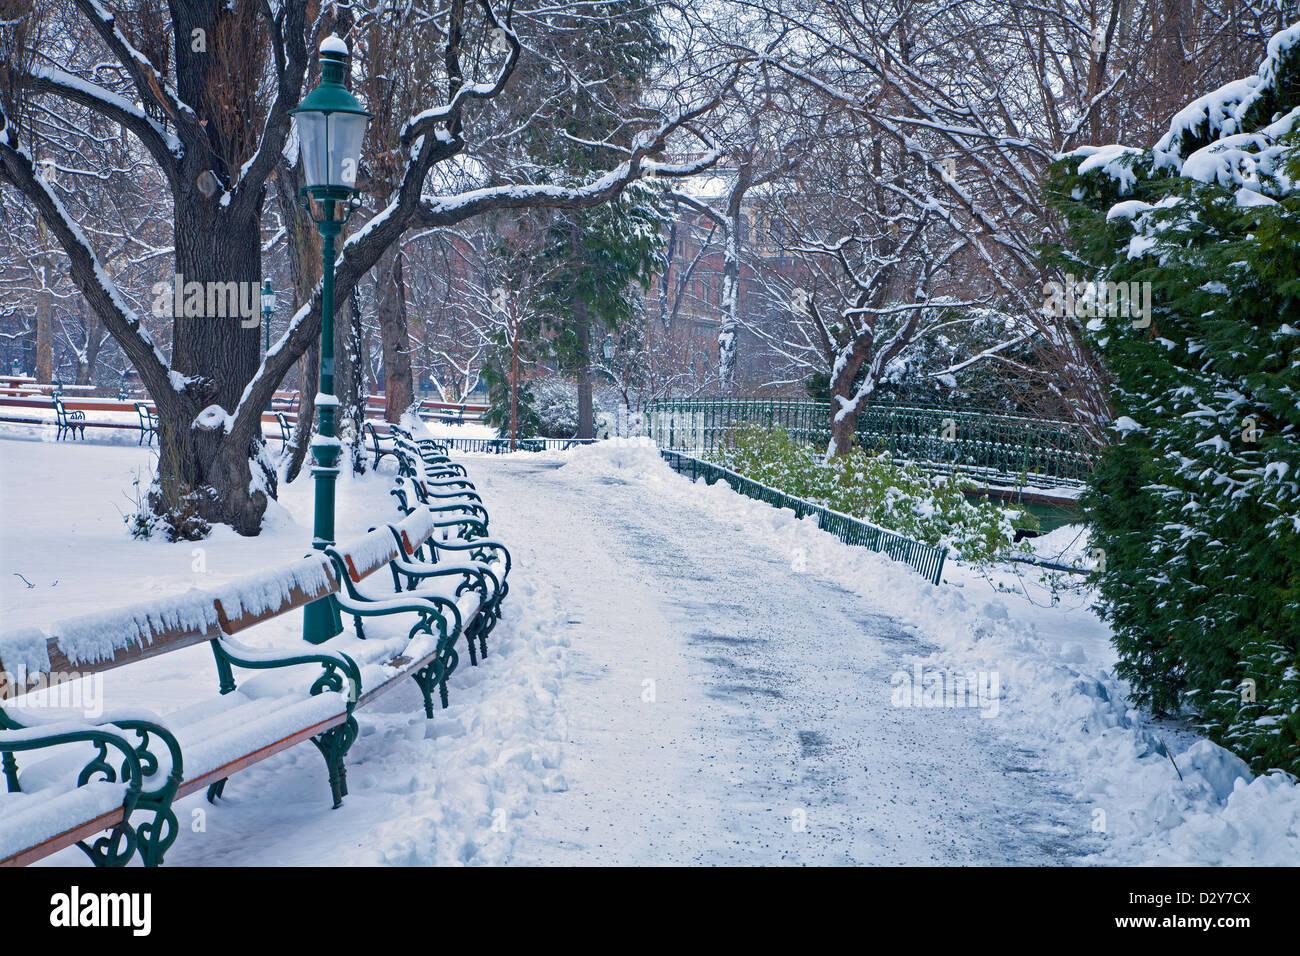 Vienna Snow